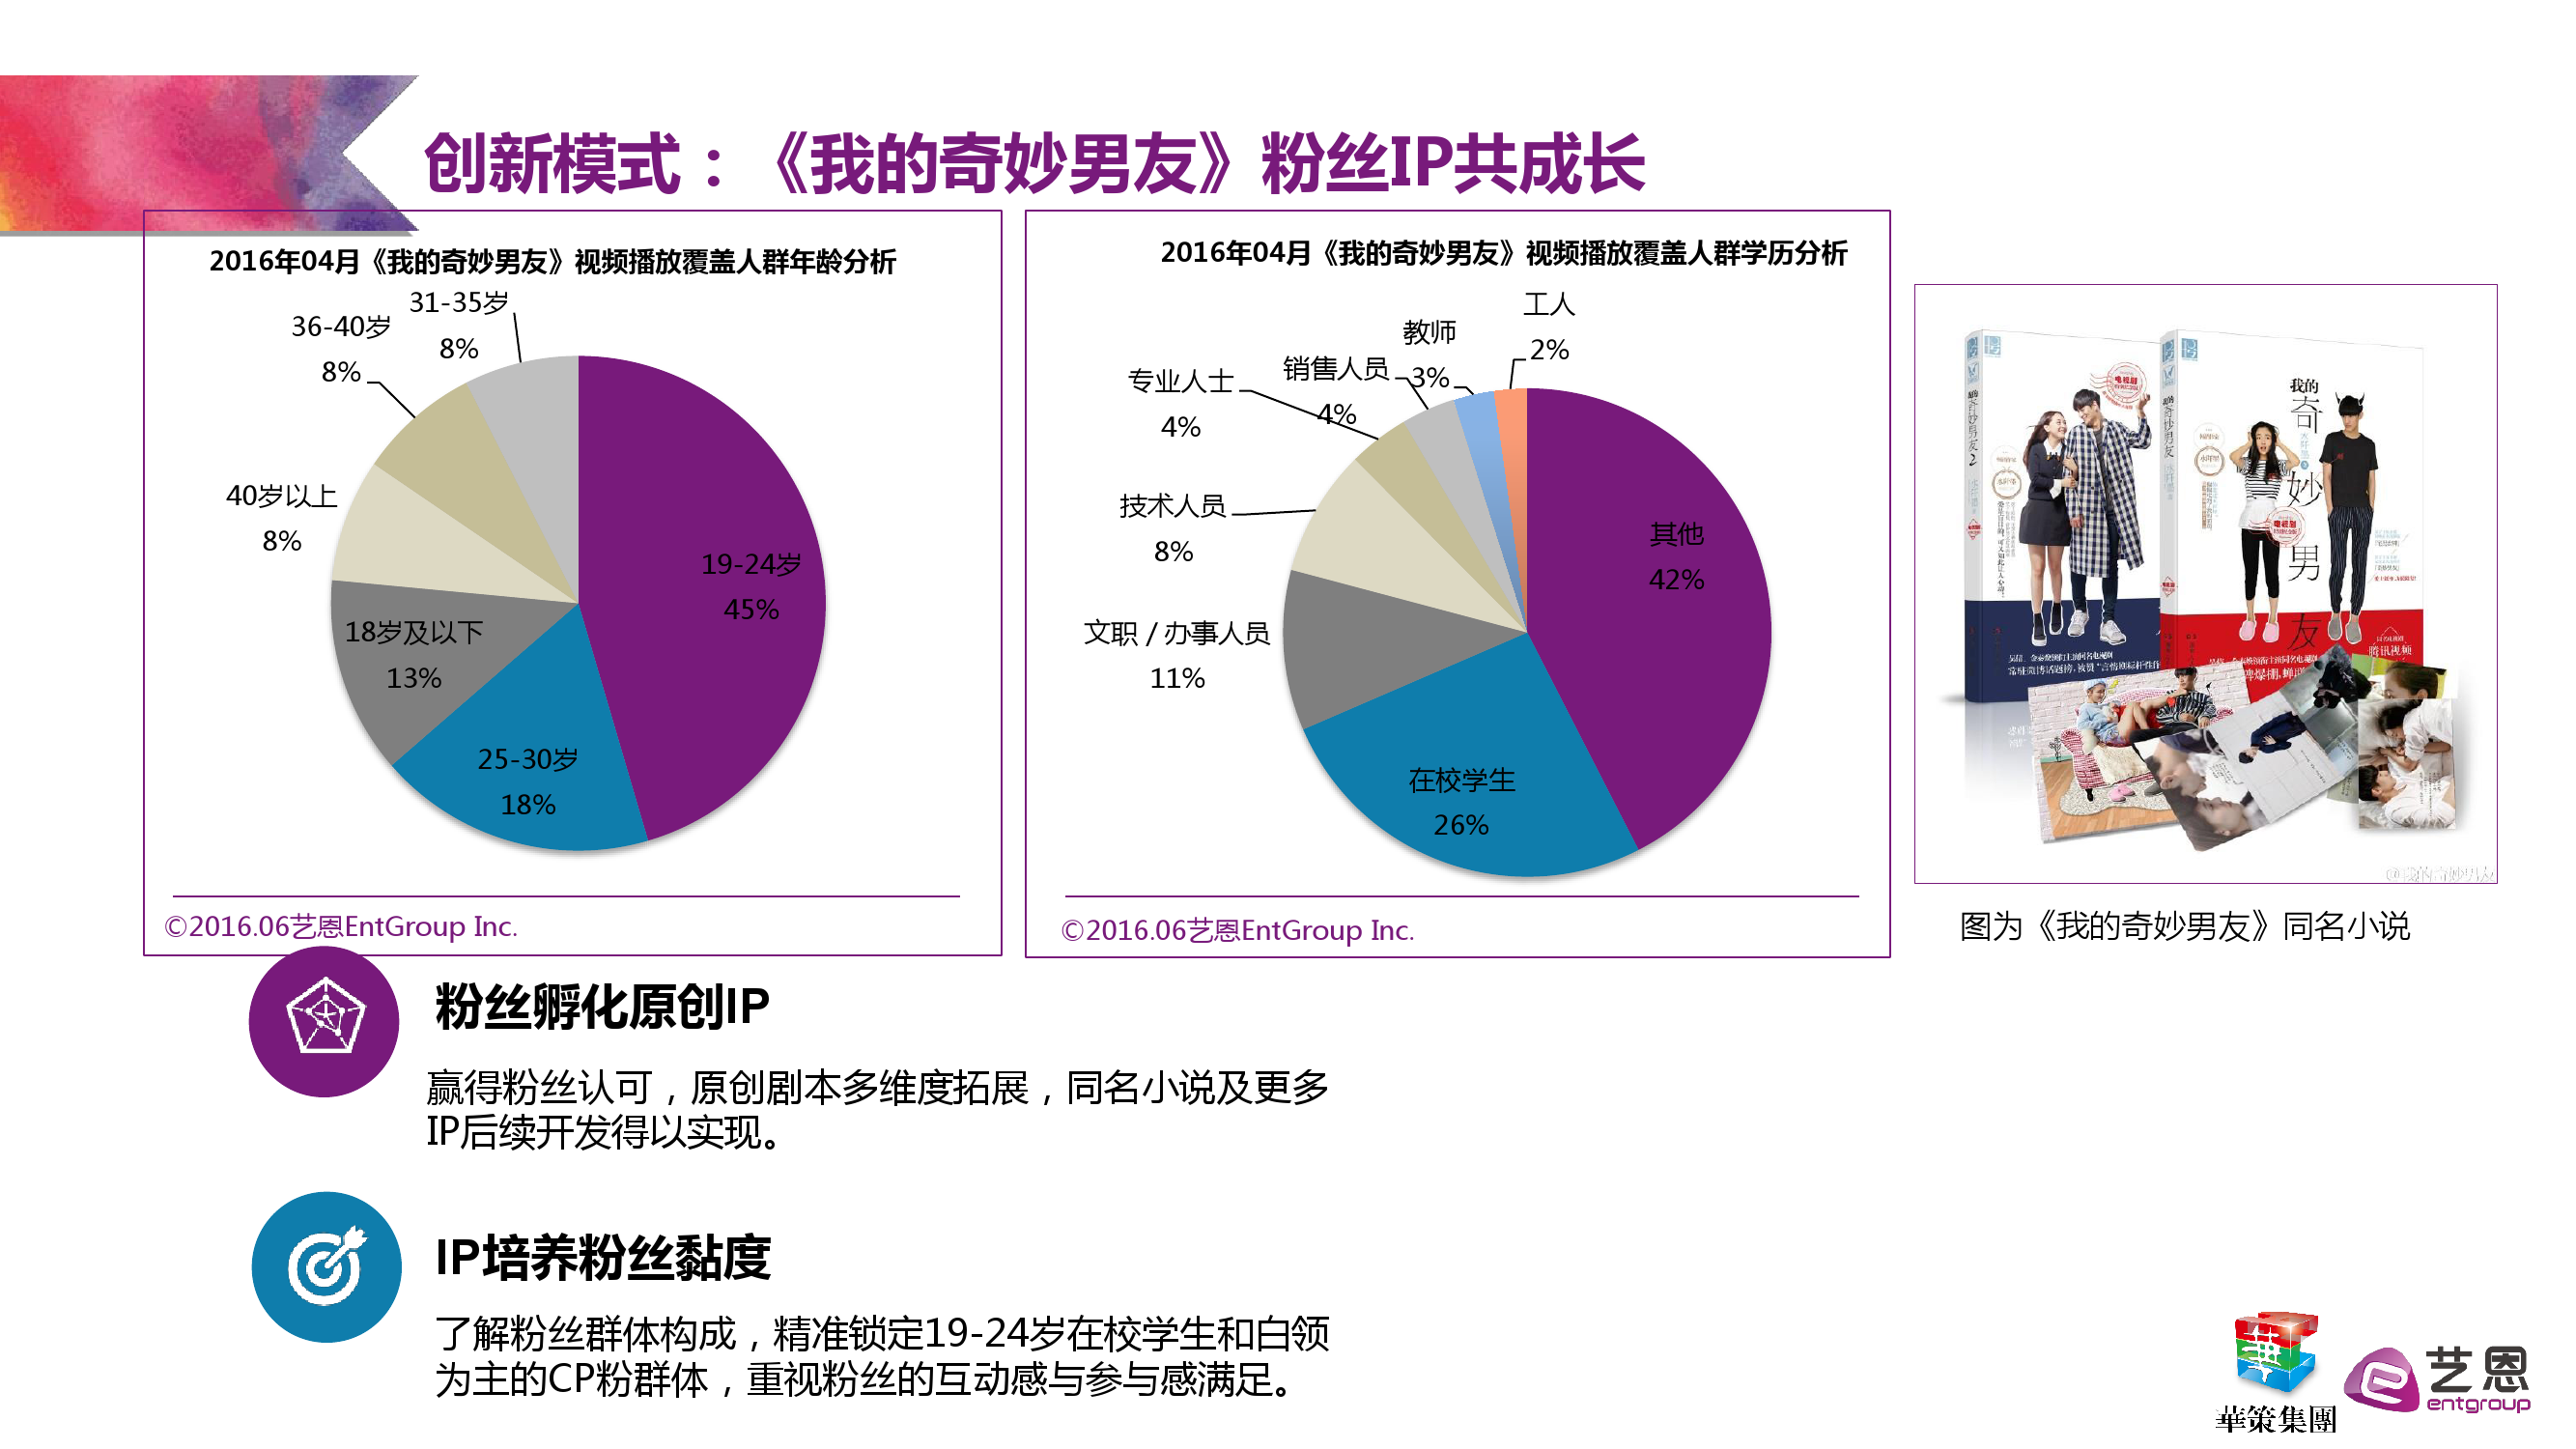 艺恩:粉丝经济研究报告_000032